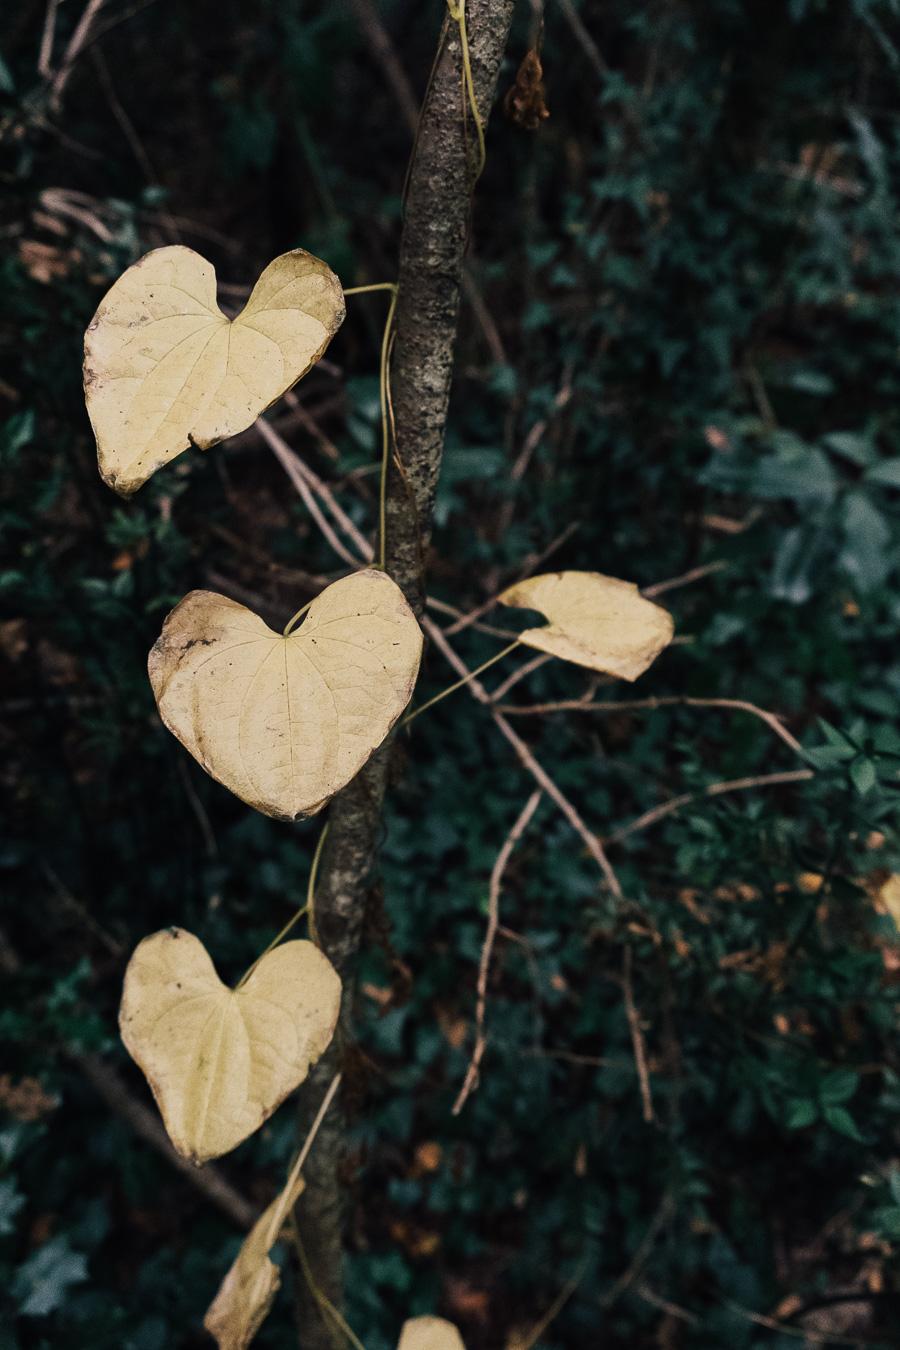 sliceofcactus-balade-en-foret-automne-12